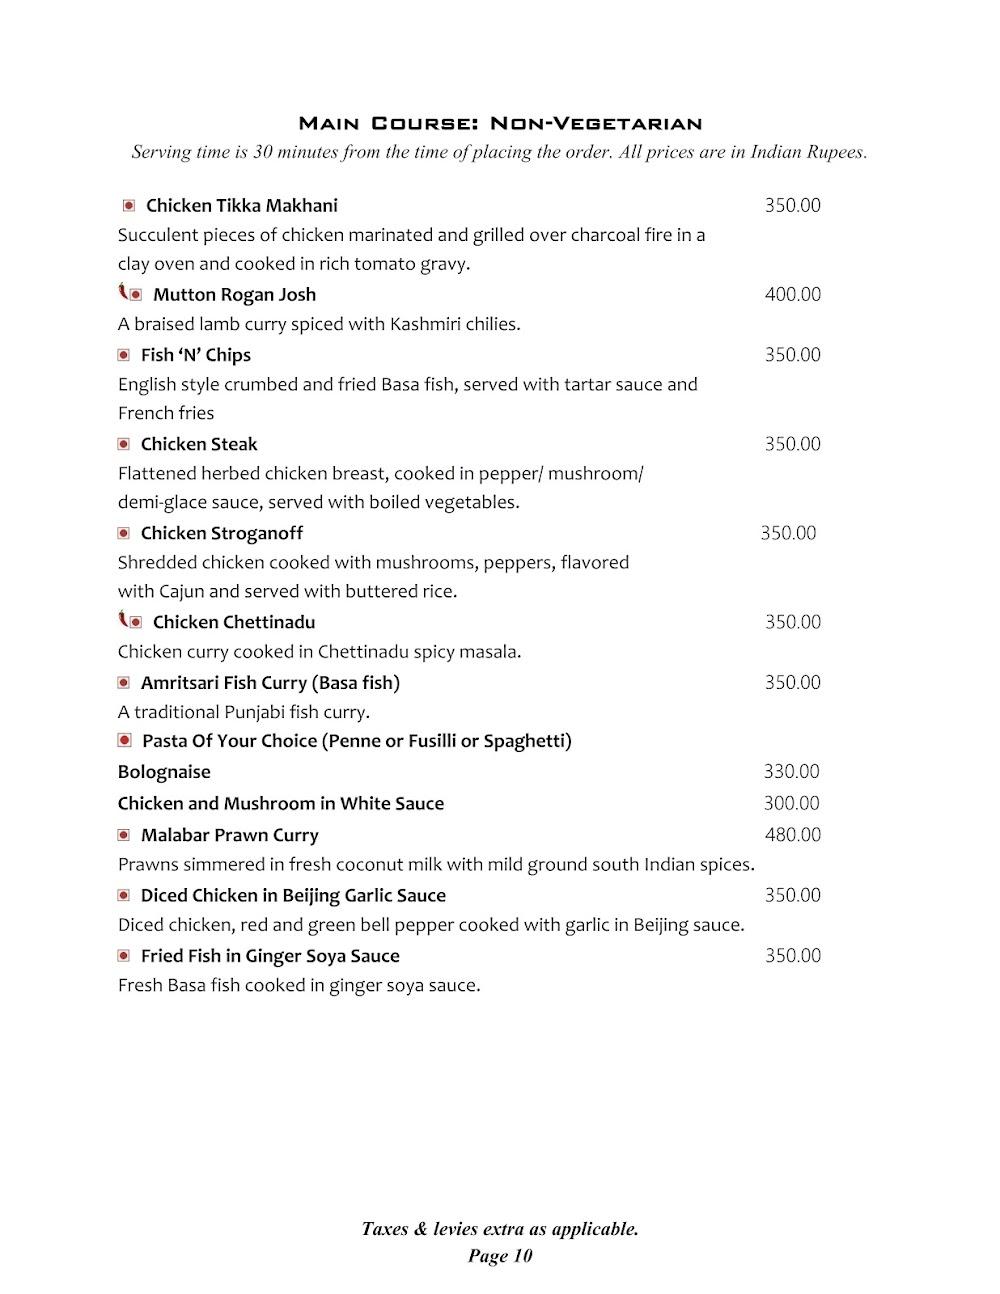 Cafe @ Elanza menu 3